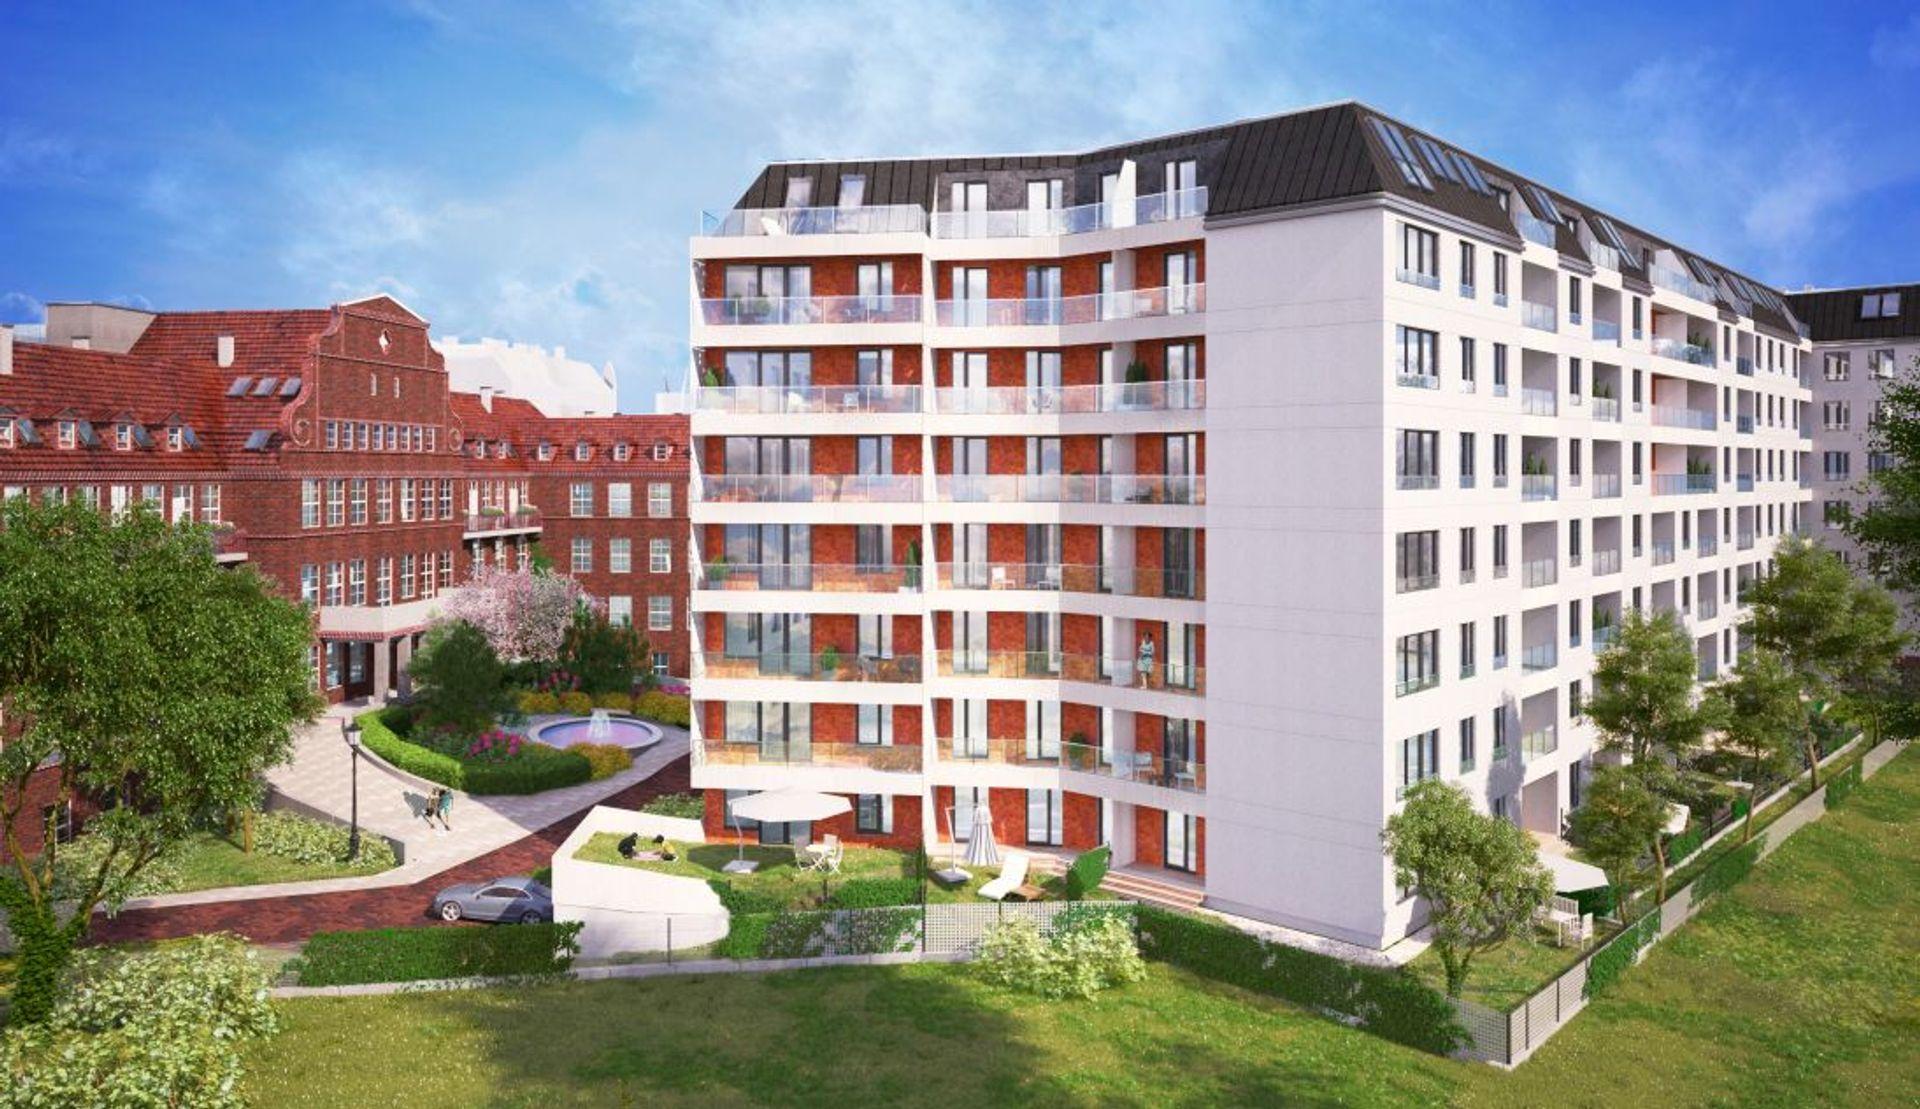 [Wrocław] Nowe mieszkania na terenie dawnego szpitala [WIZUALIZACJE]